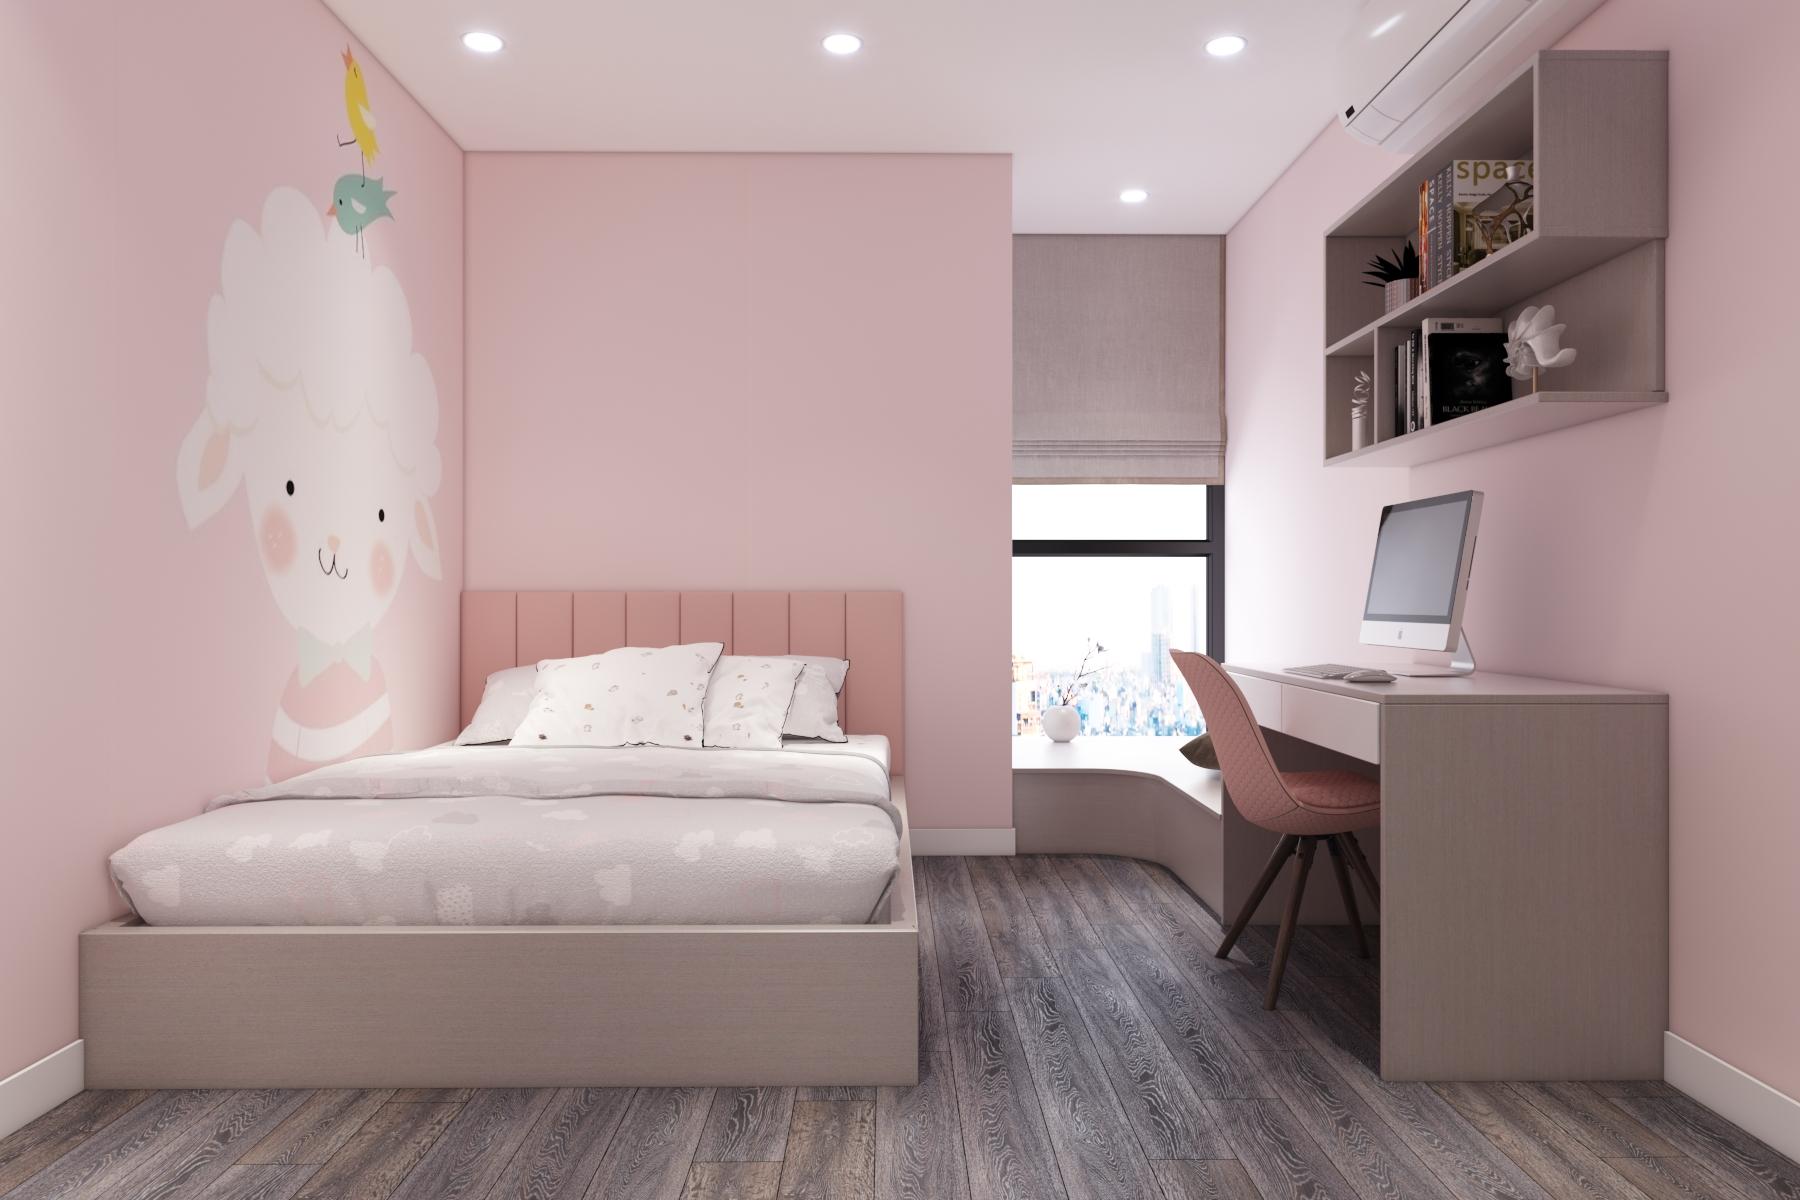 Thiết kế nội thất Chung Cư tại Hà Nội Chung cư New Skyline Văn Quán 1580465737 15